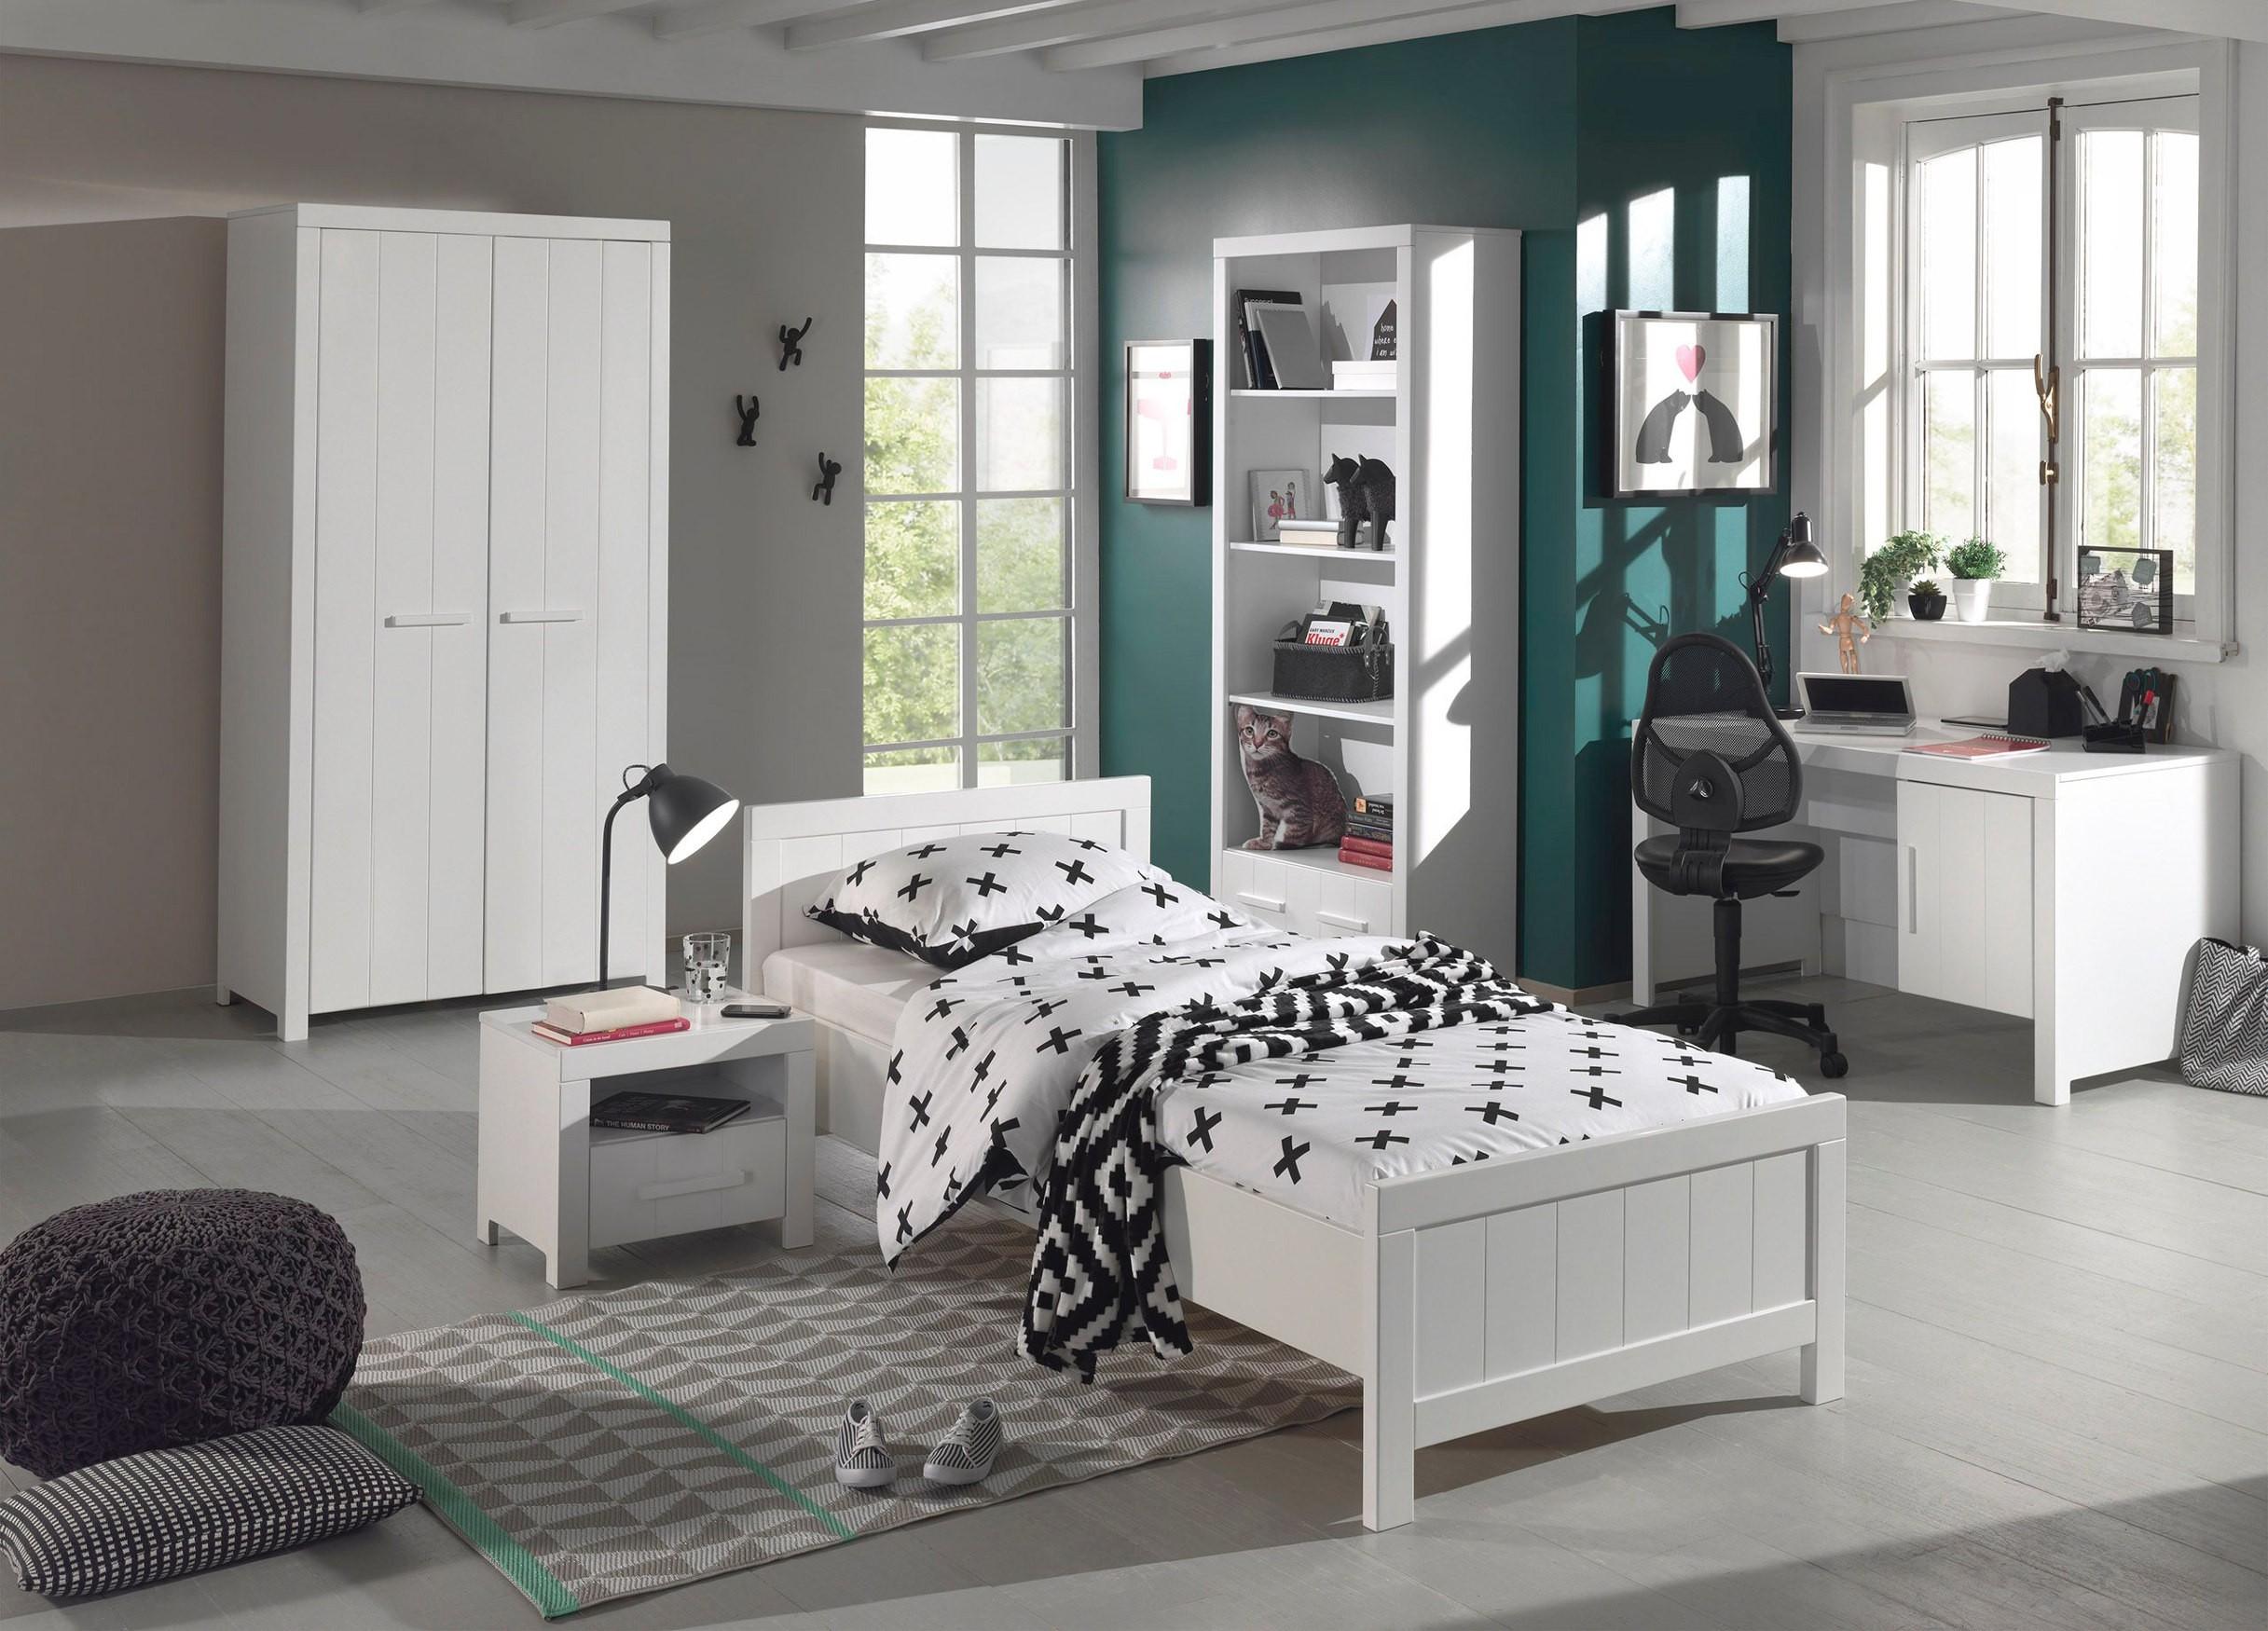 Jugendzimmer ERIK - komplett mit Einzelbett, Kleiderschrank 2-türig ...